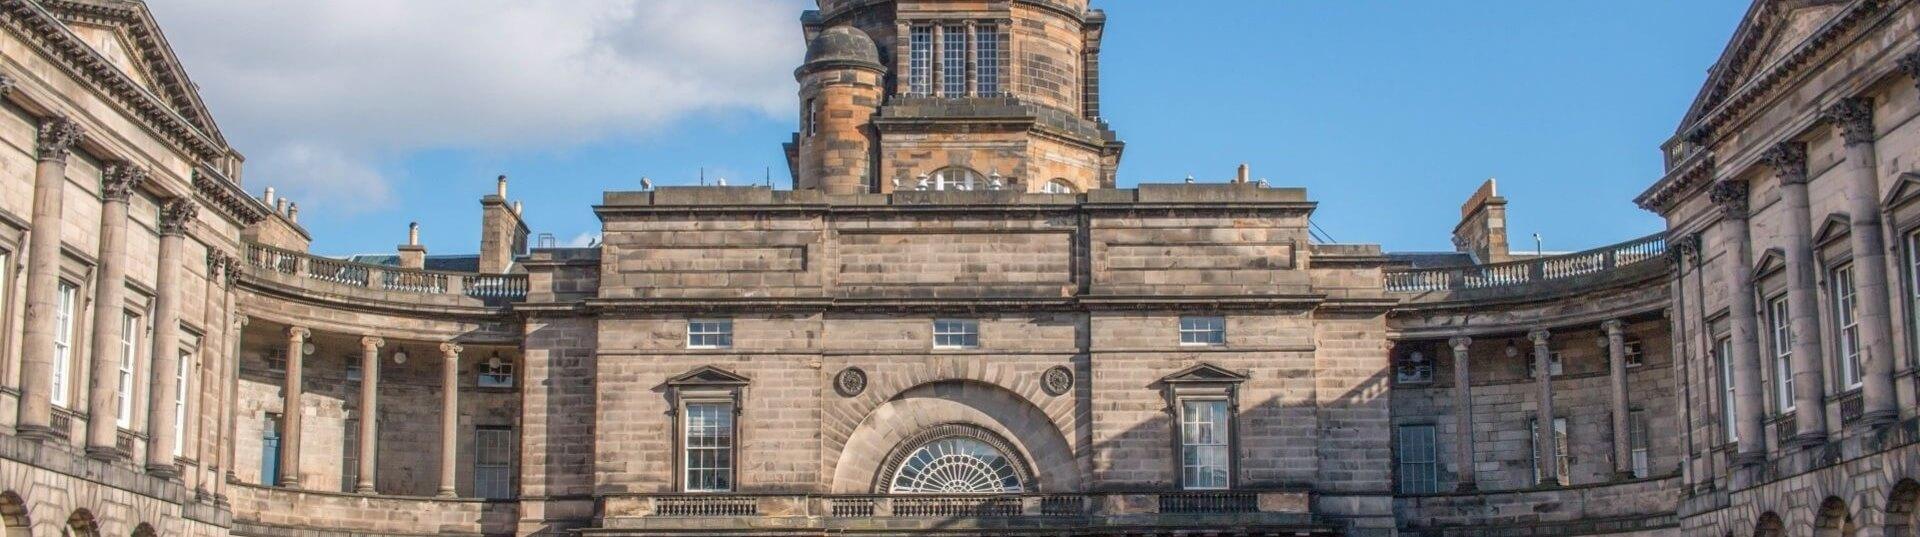 UK oldest university